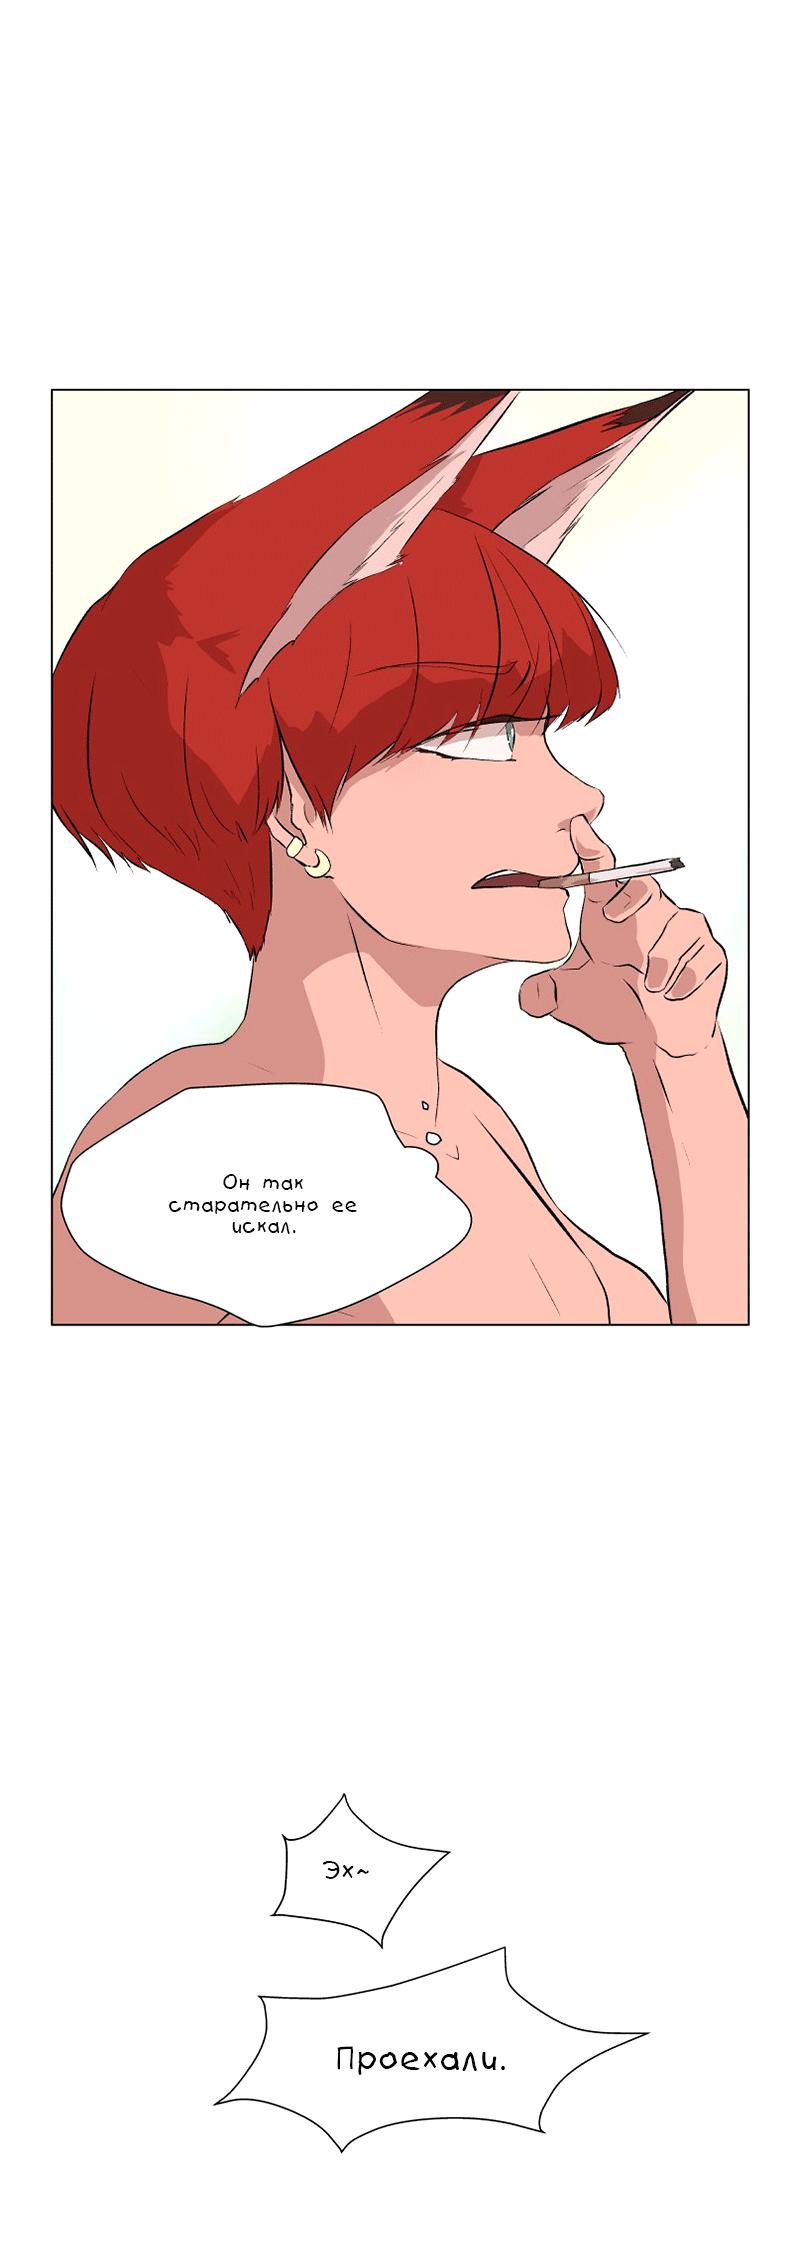 https://r1.ninemanga.com/comics/pic2/58/31802/324784/1494900347260.png Page 4